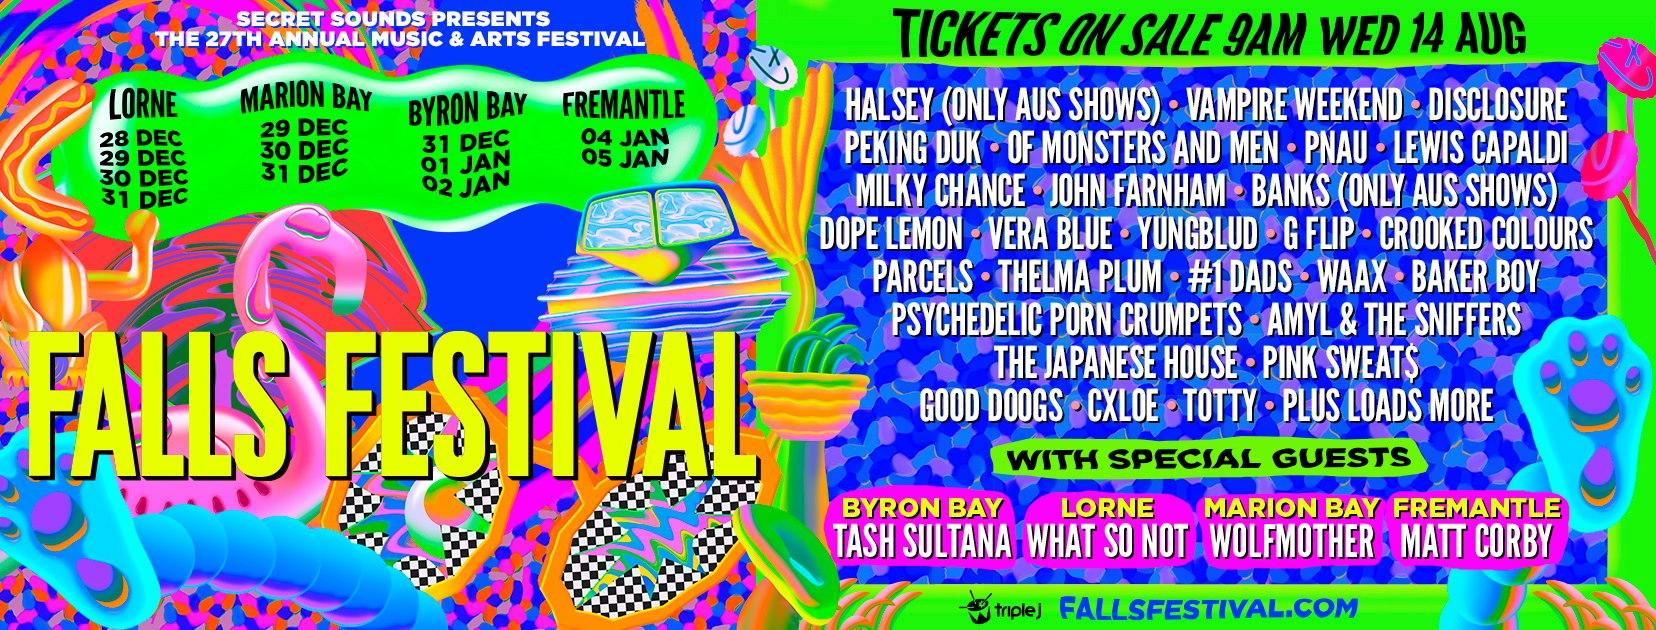 falls-festival-lineup-2019-poster-oz-edm